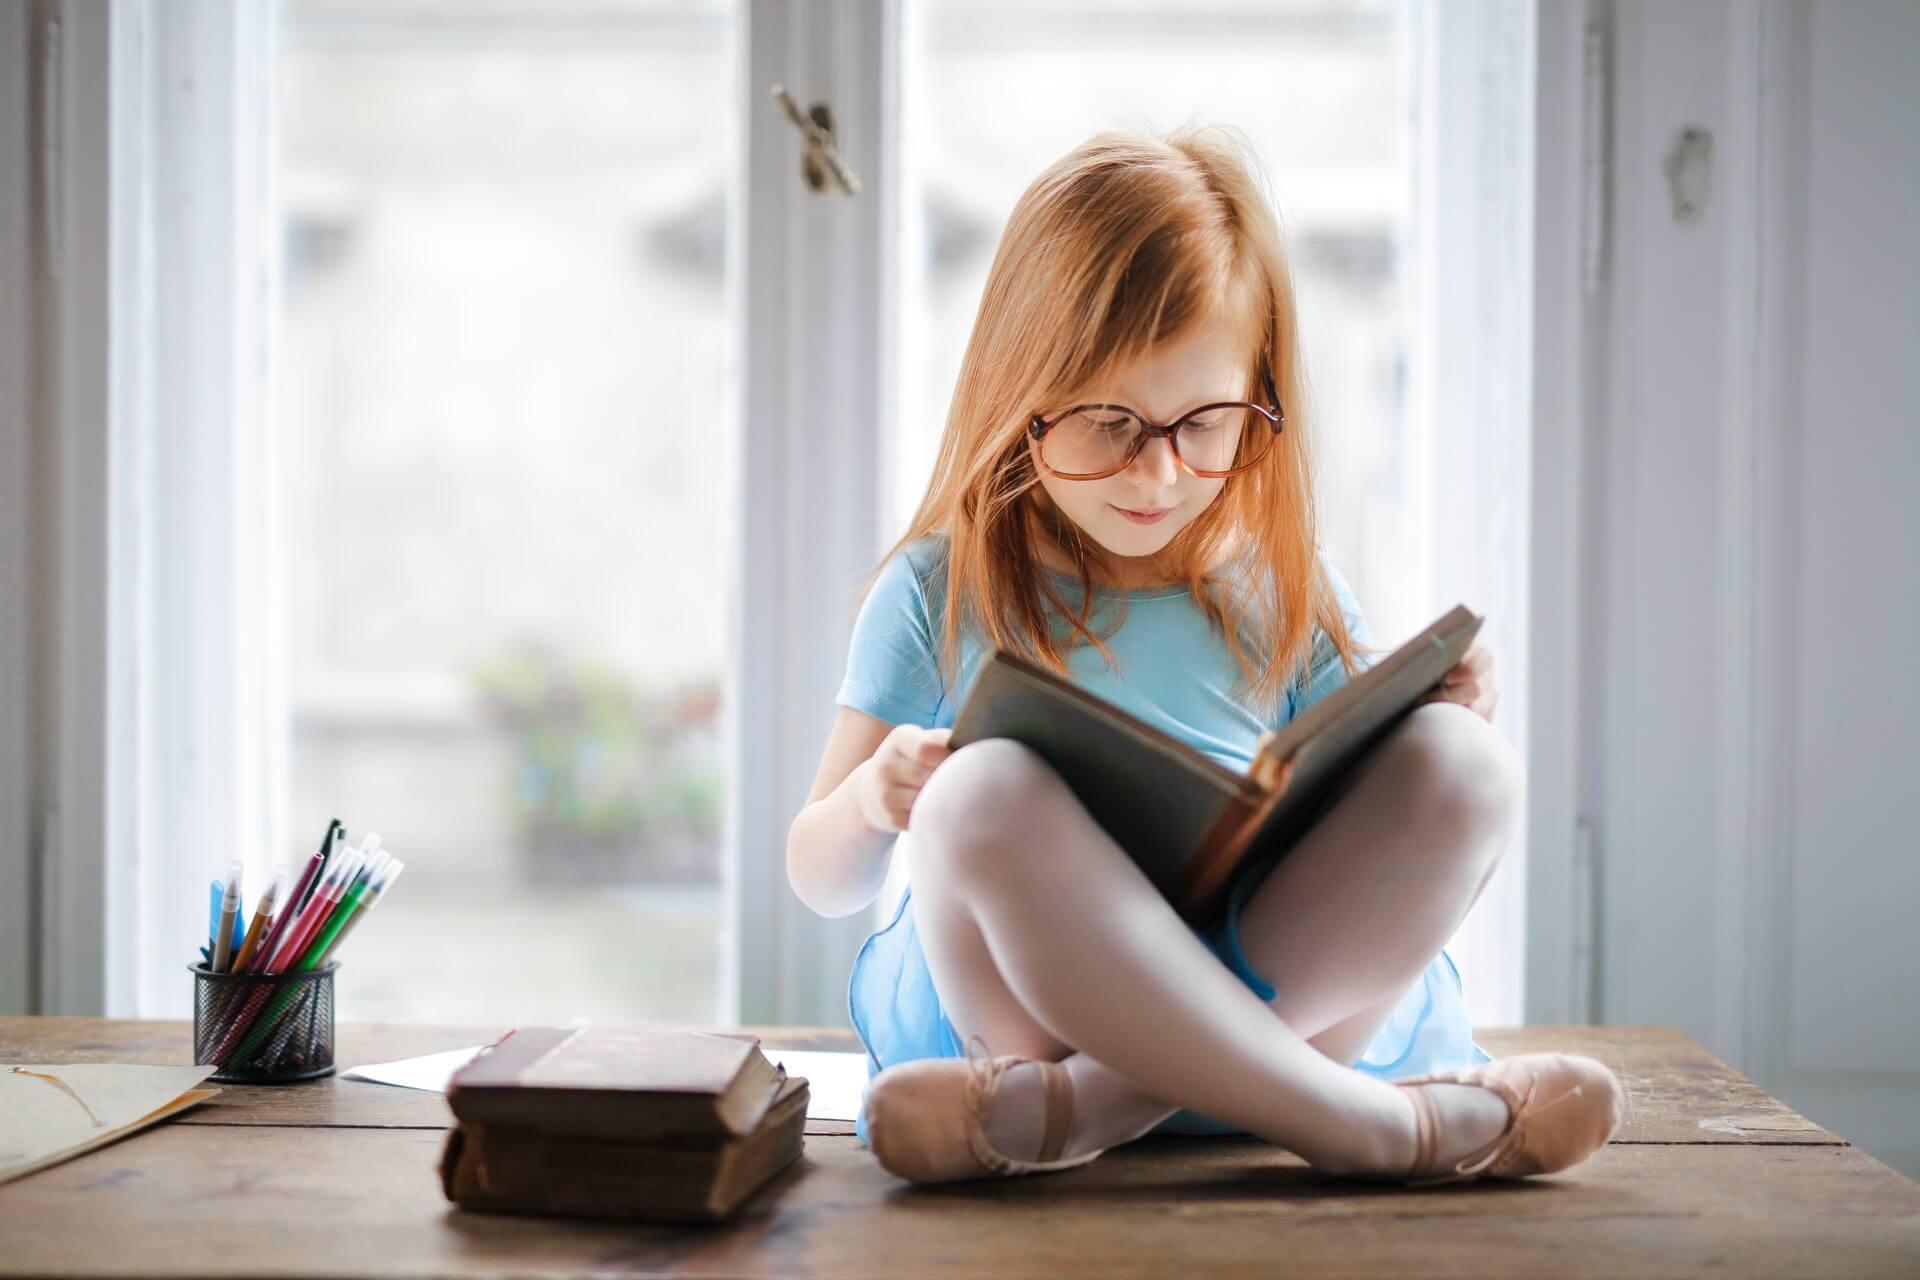 Niña con vestido azúl leyendo un libro sentada en un escritorio con una ventana de fondo